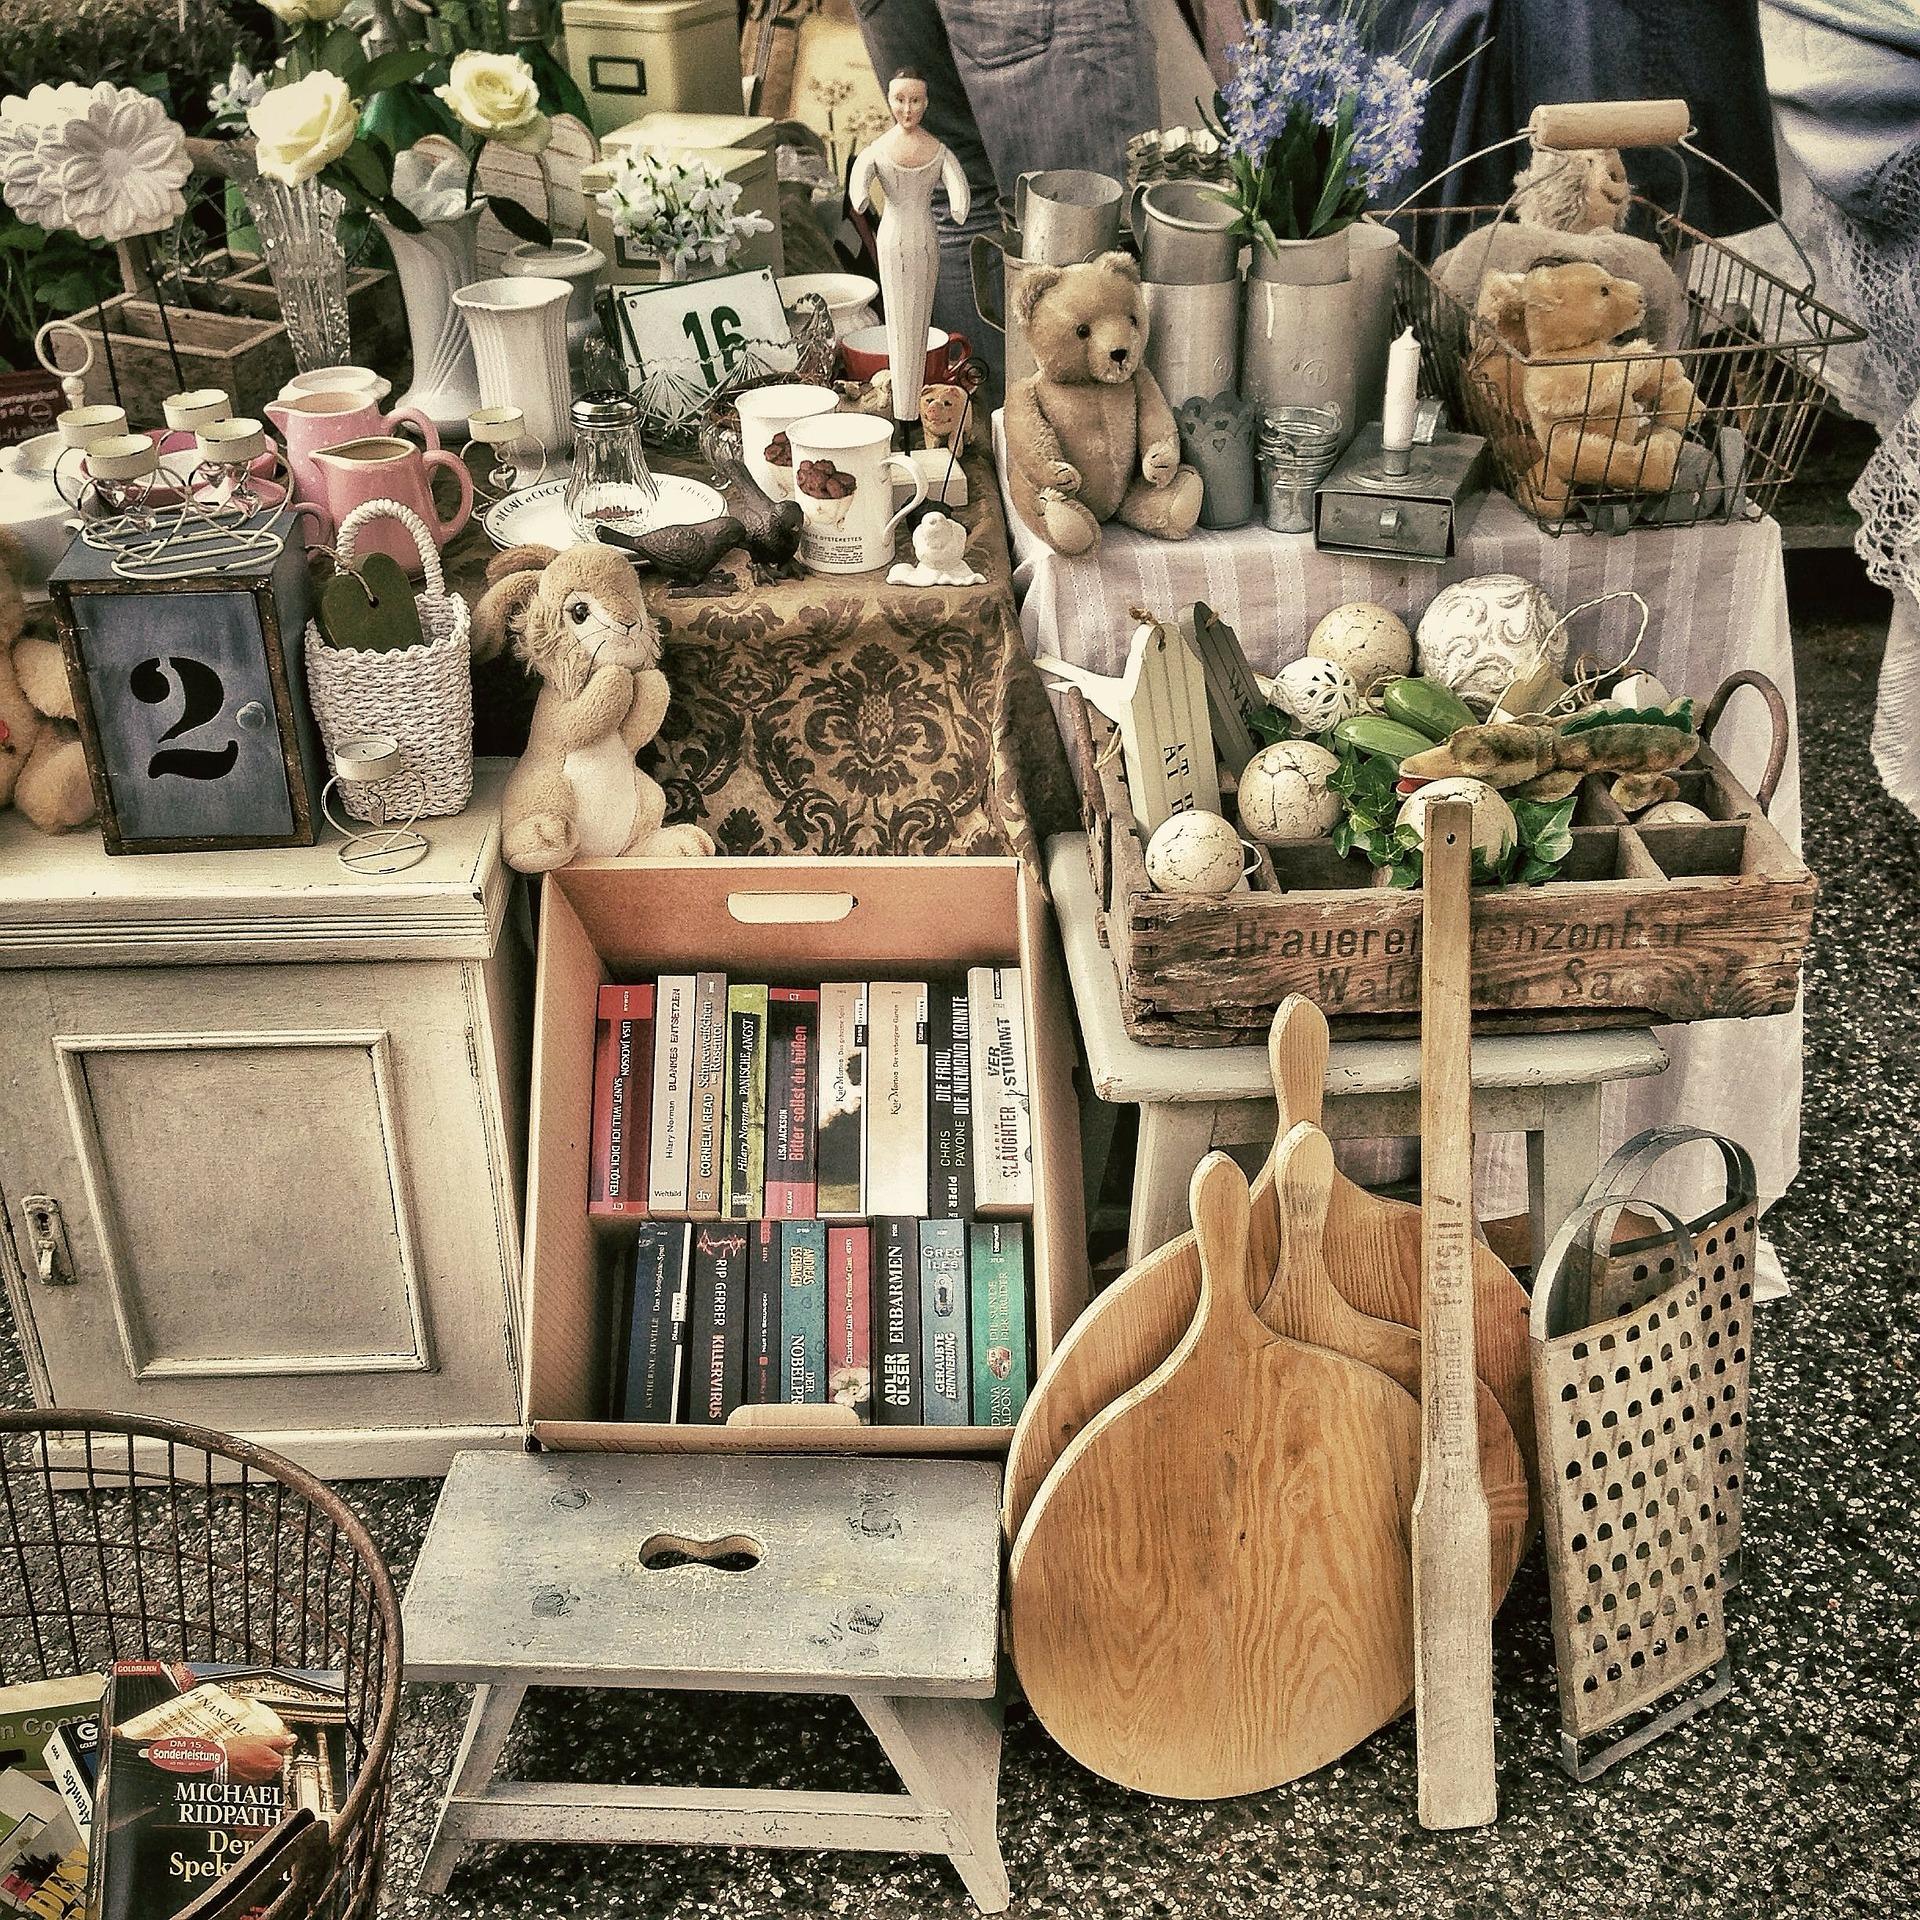 フリーマーケット、商品の陳列画像